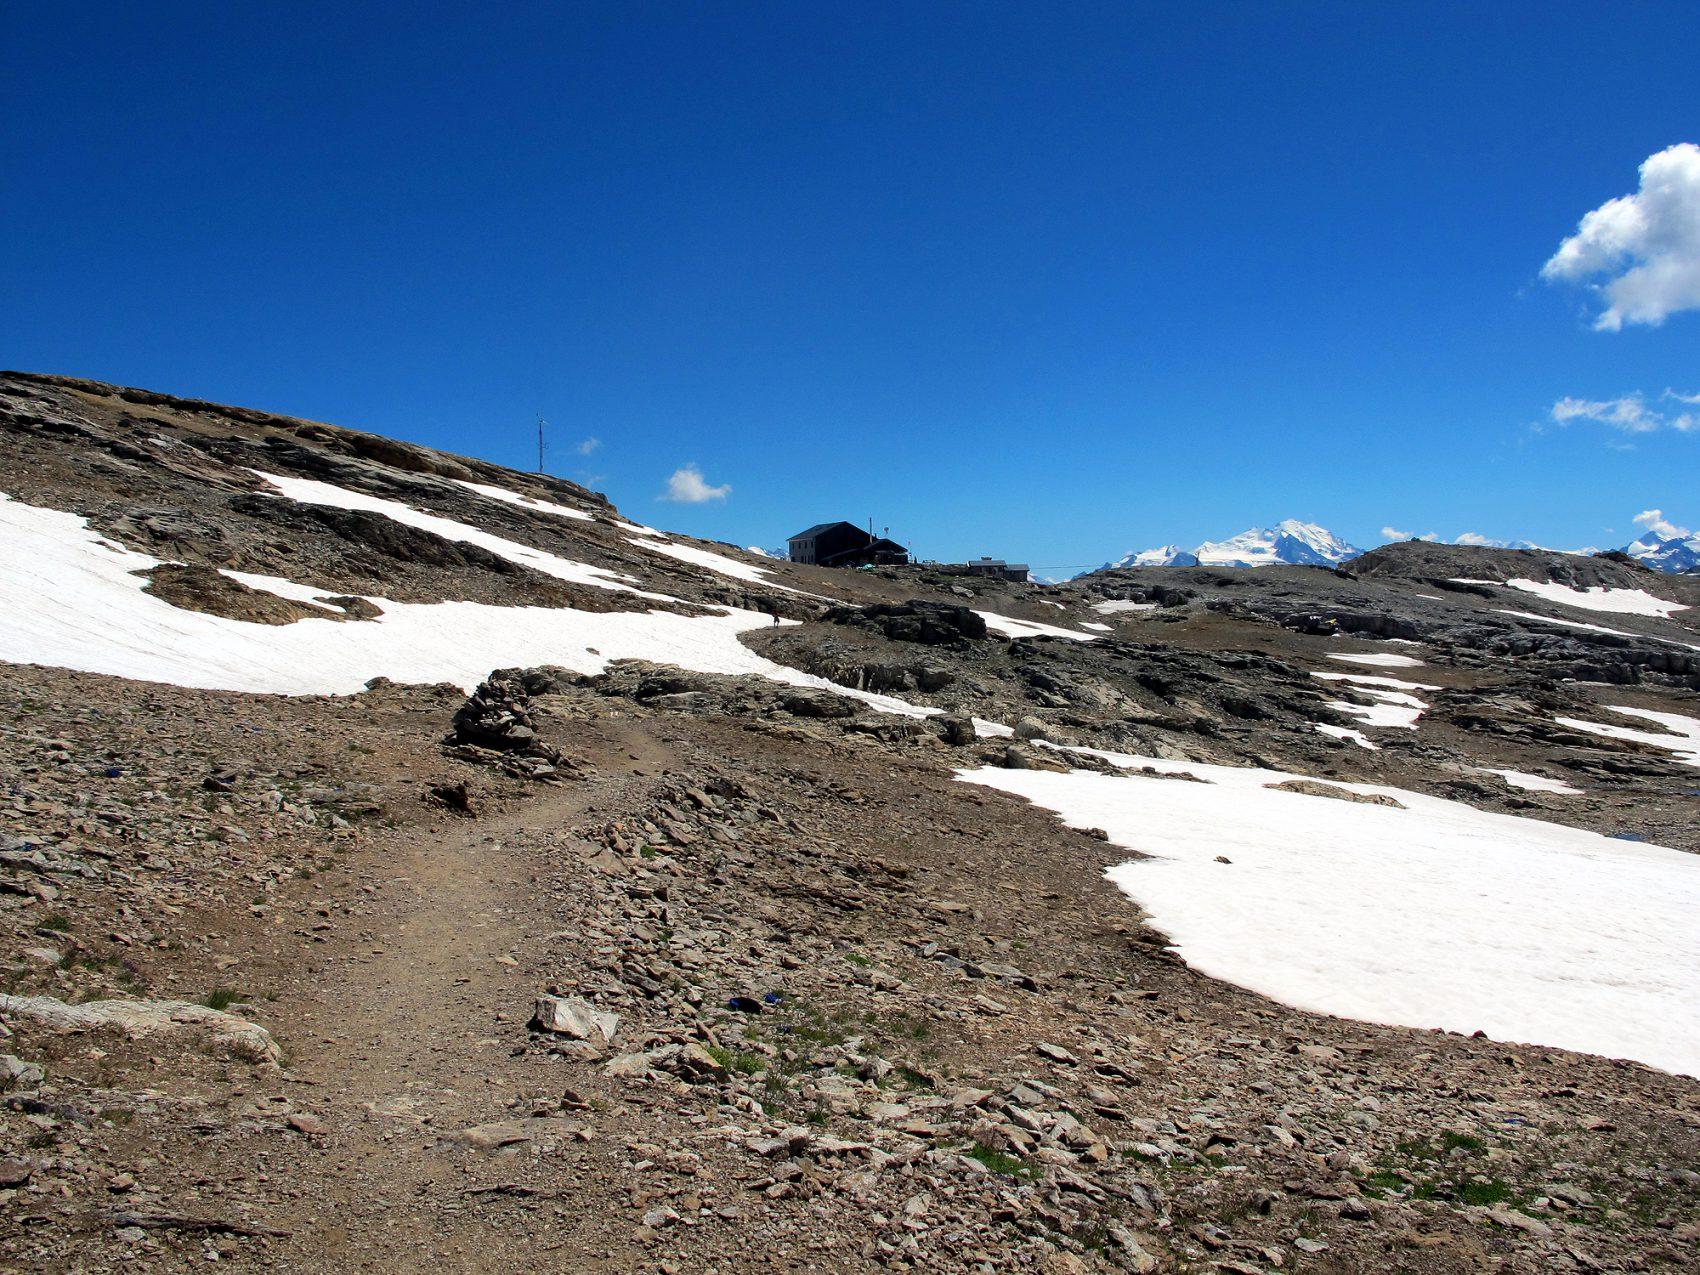 IMG_3891.jpg Lötschenpasshütte